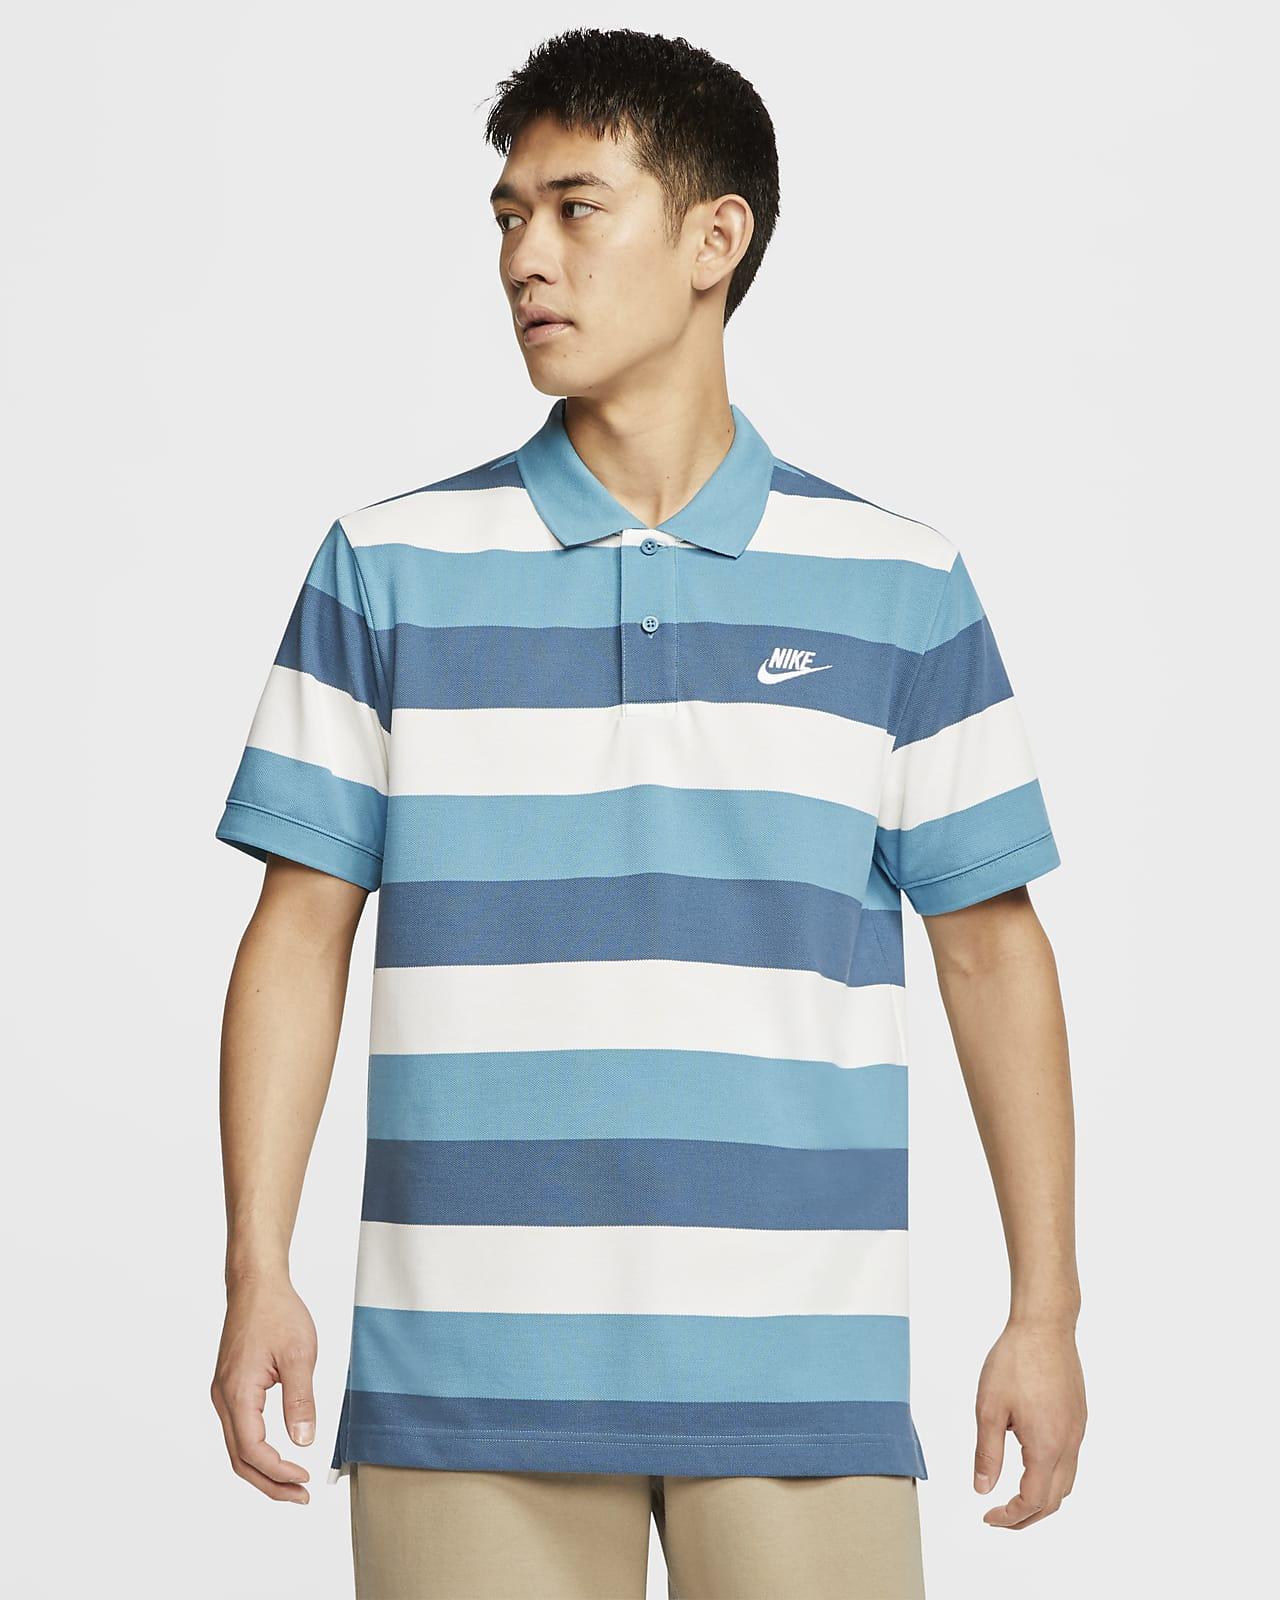 Áo thể thao nam Nike Polo Sportswear Striped CJ4466-424